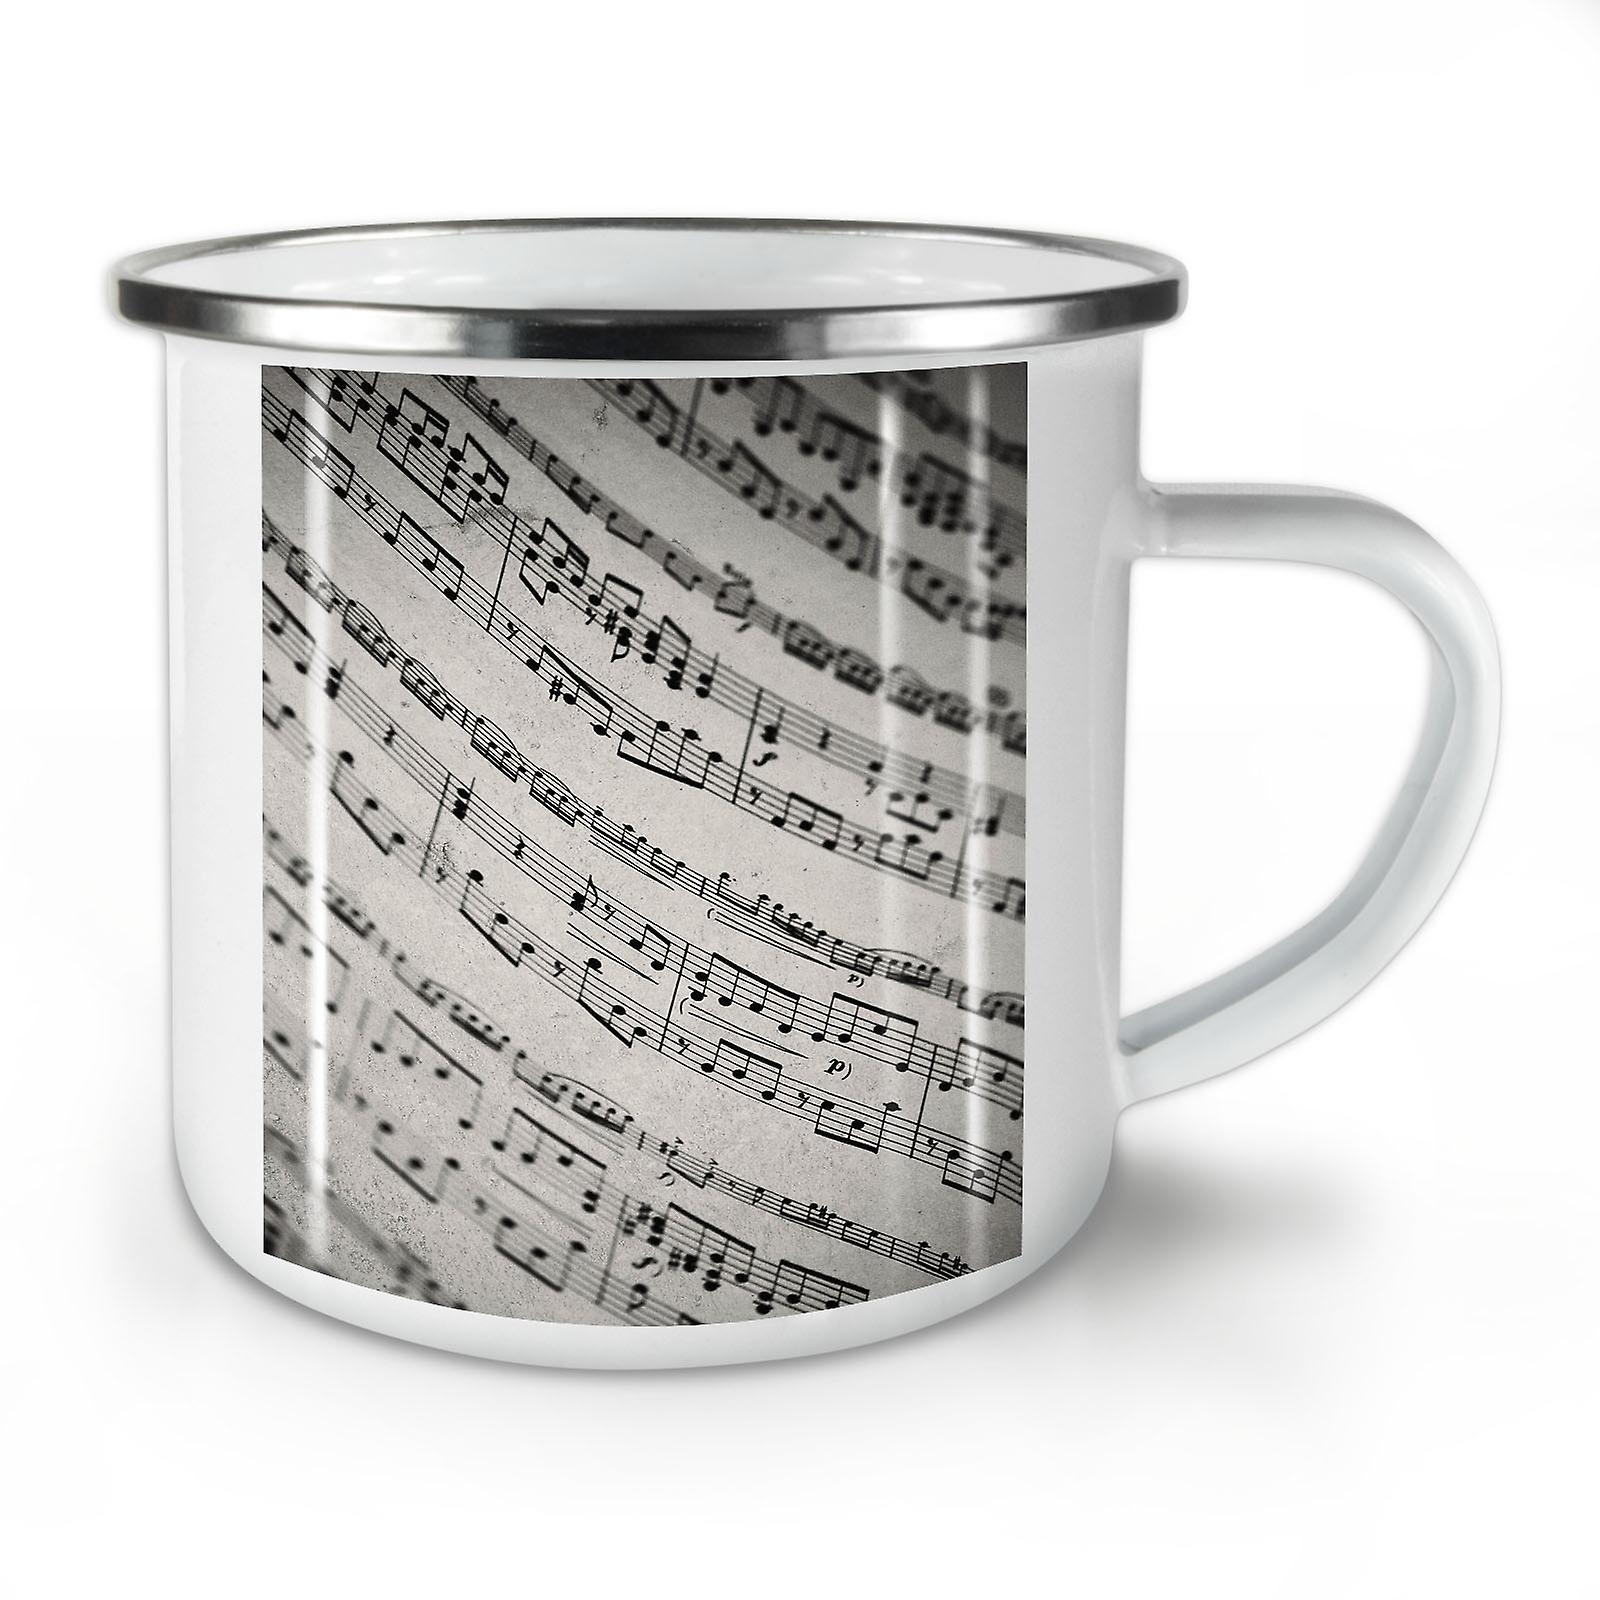 Whitetea Piano Note Mug10 Vintage Nouvelle OzWellcoda De Café Émail Rc4qAj35L